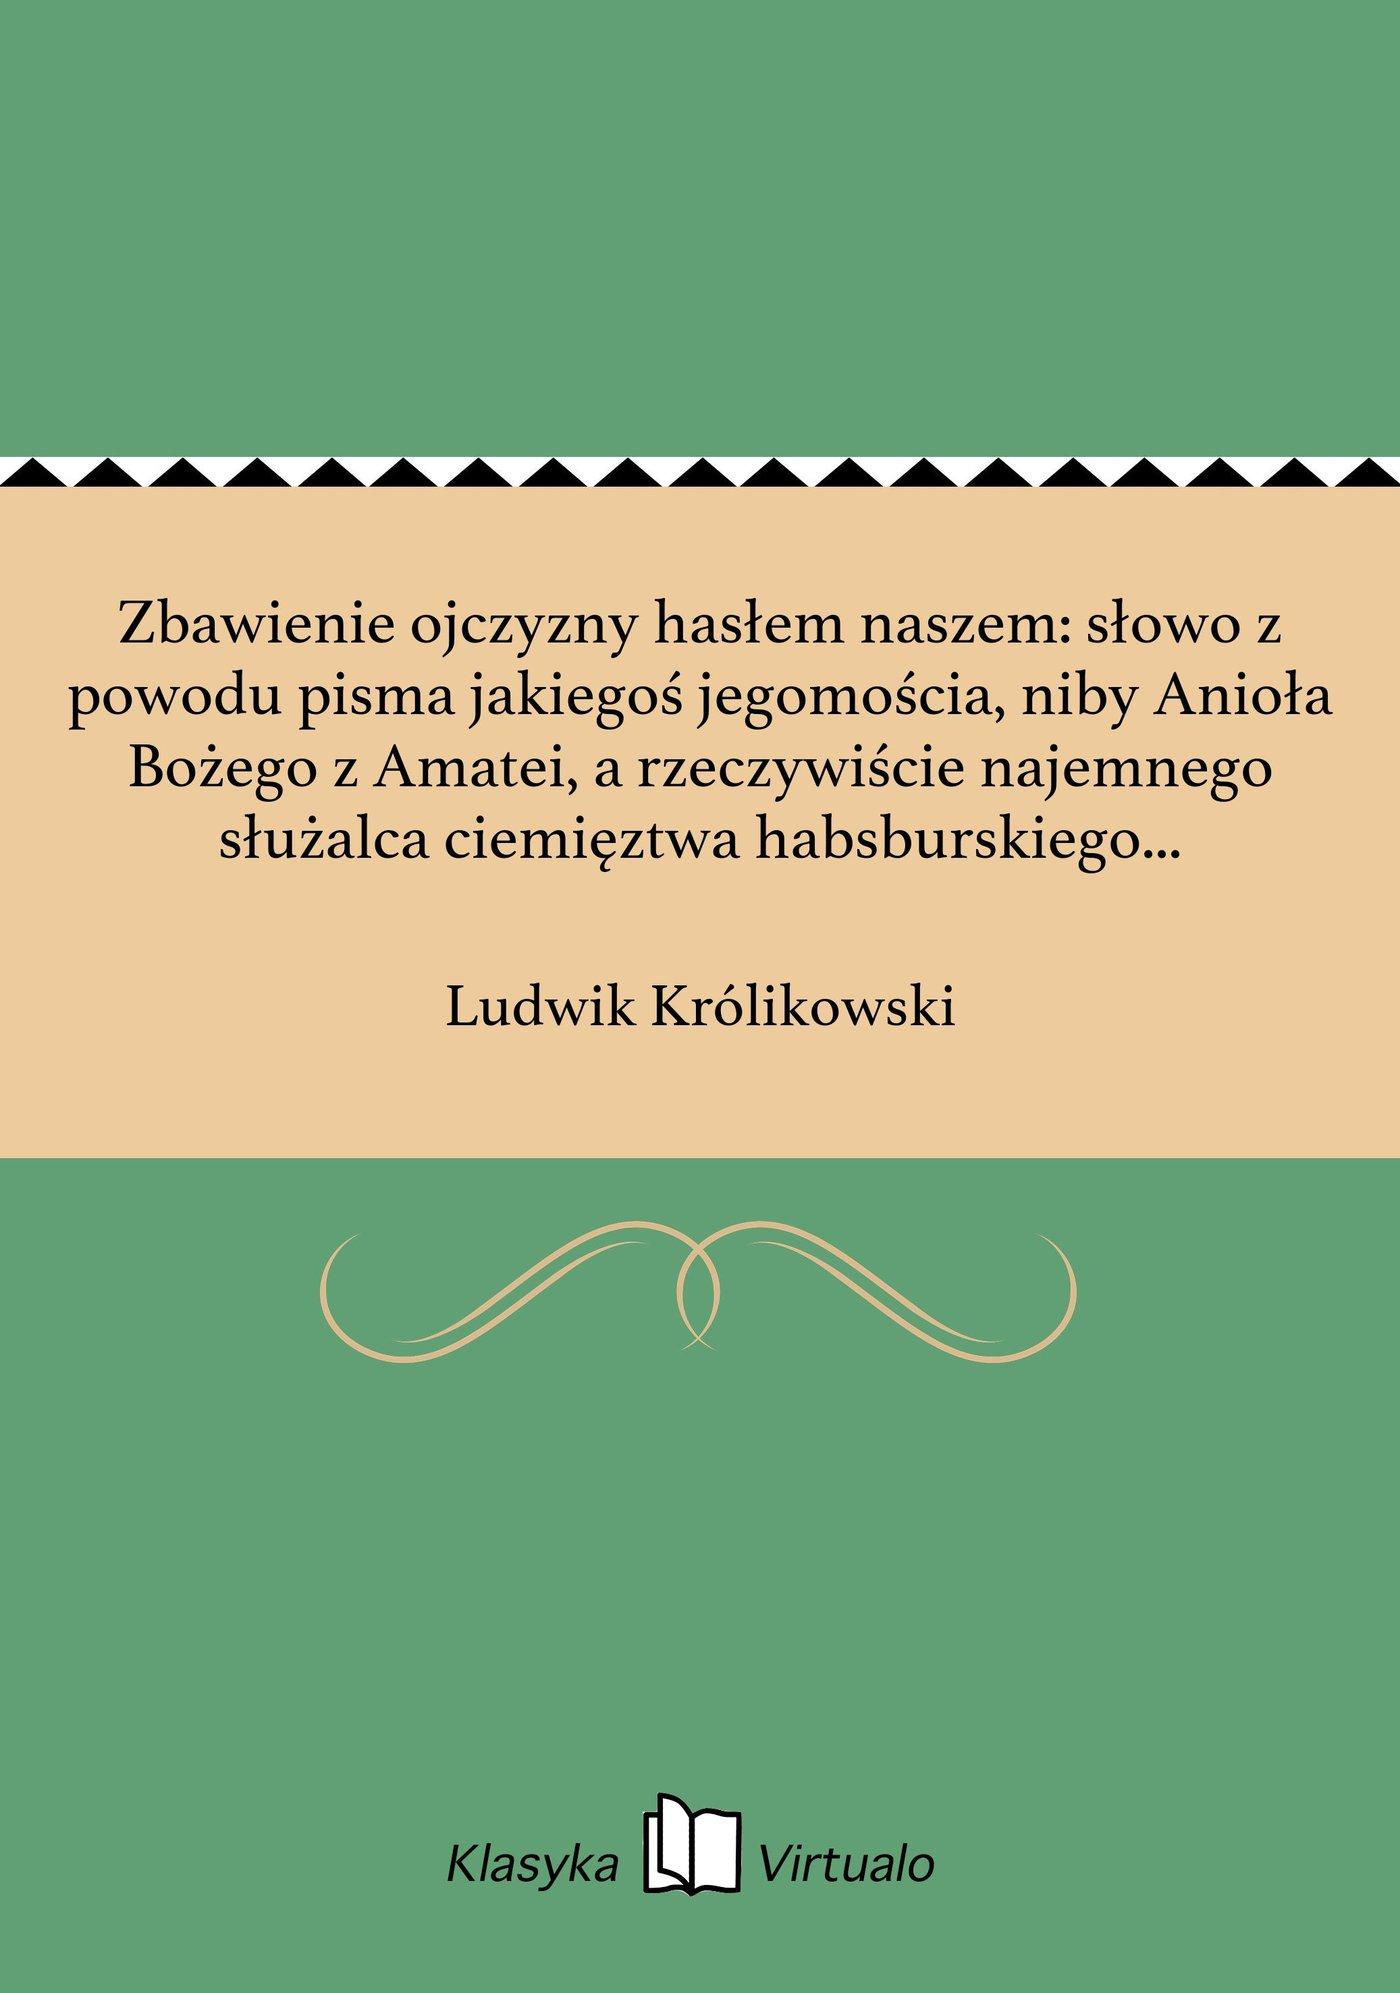 Zbawienie ojczyzny hasłem naszem: słowo z powodu pisma jakiegoś jegomościa, niby Anioła Bożego z Amatei, a rzeczywiście najemnego służalca ciemięztwa habsburskiego w Polsce. - Ebook (Książka EPUB) do pobrania w formacie EPUB